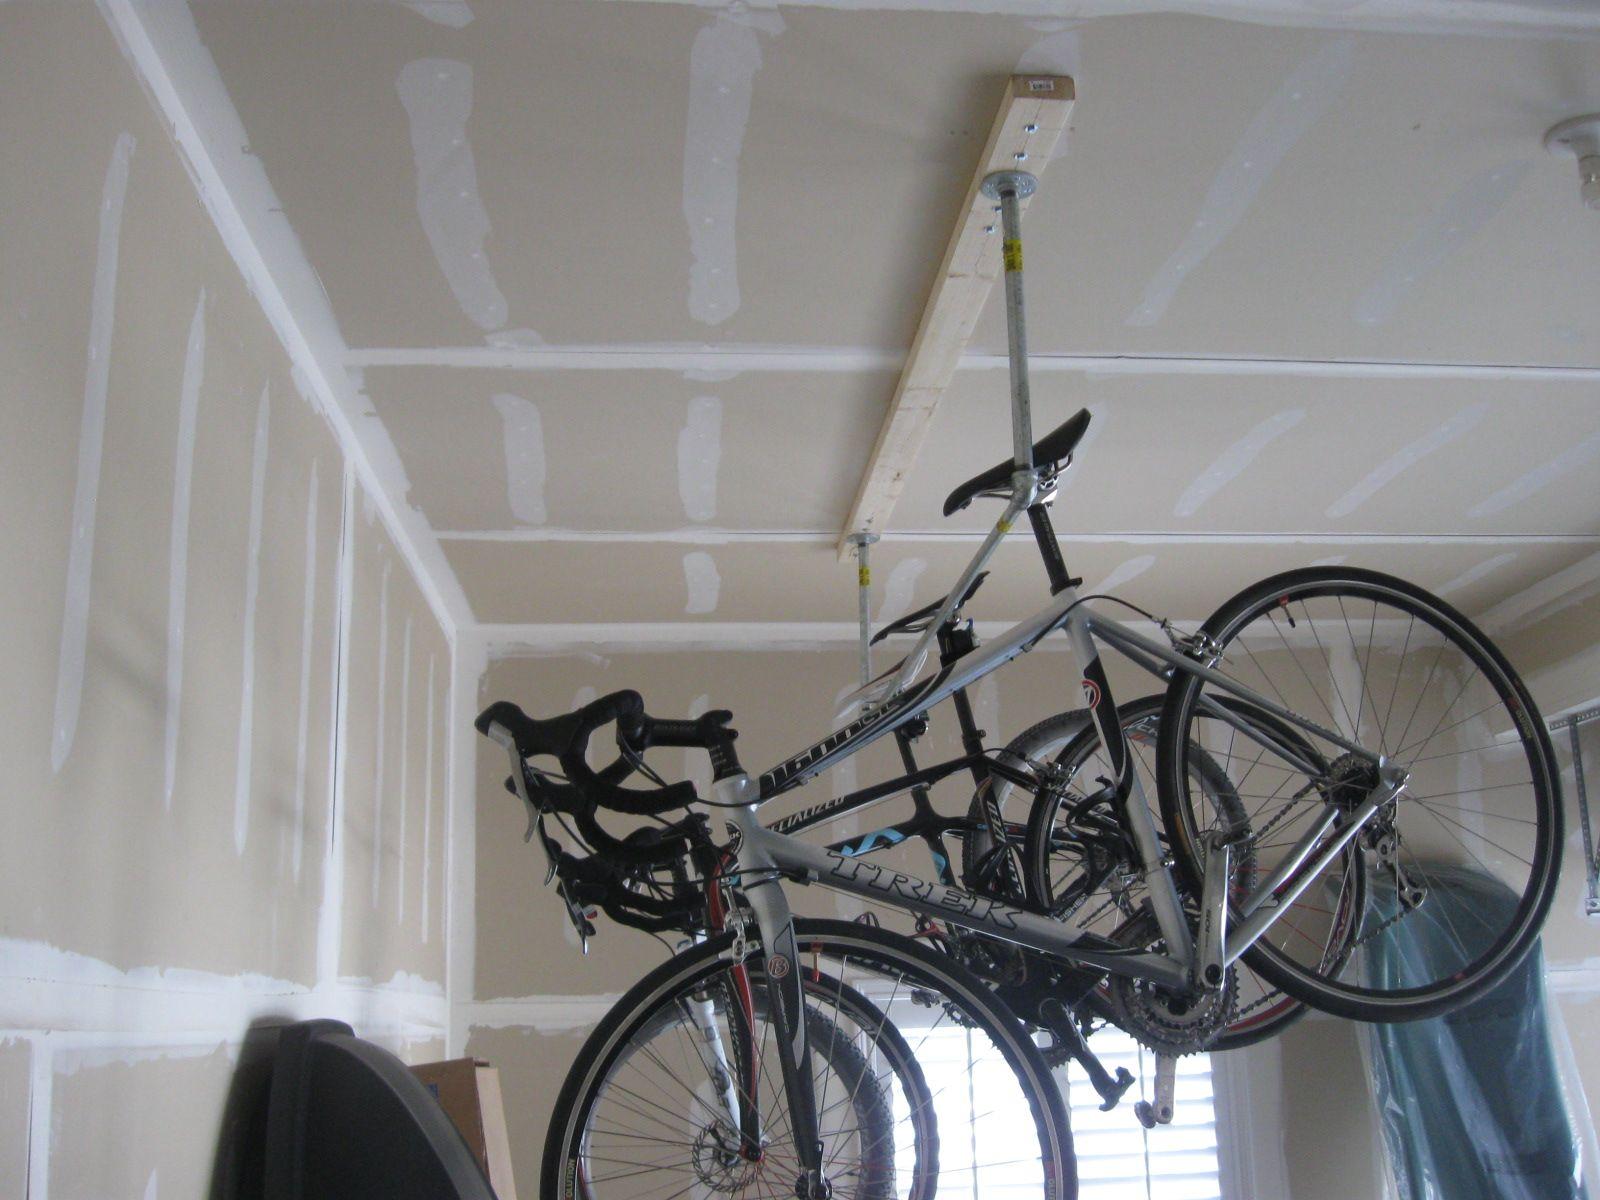 DIY Homemade Garage Bike Rack